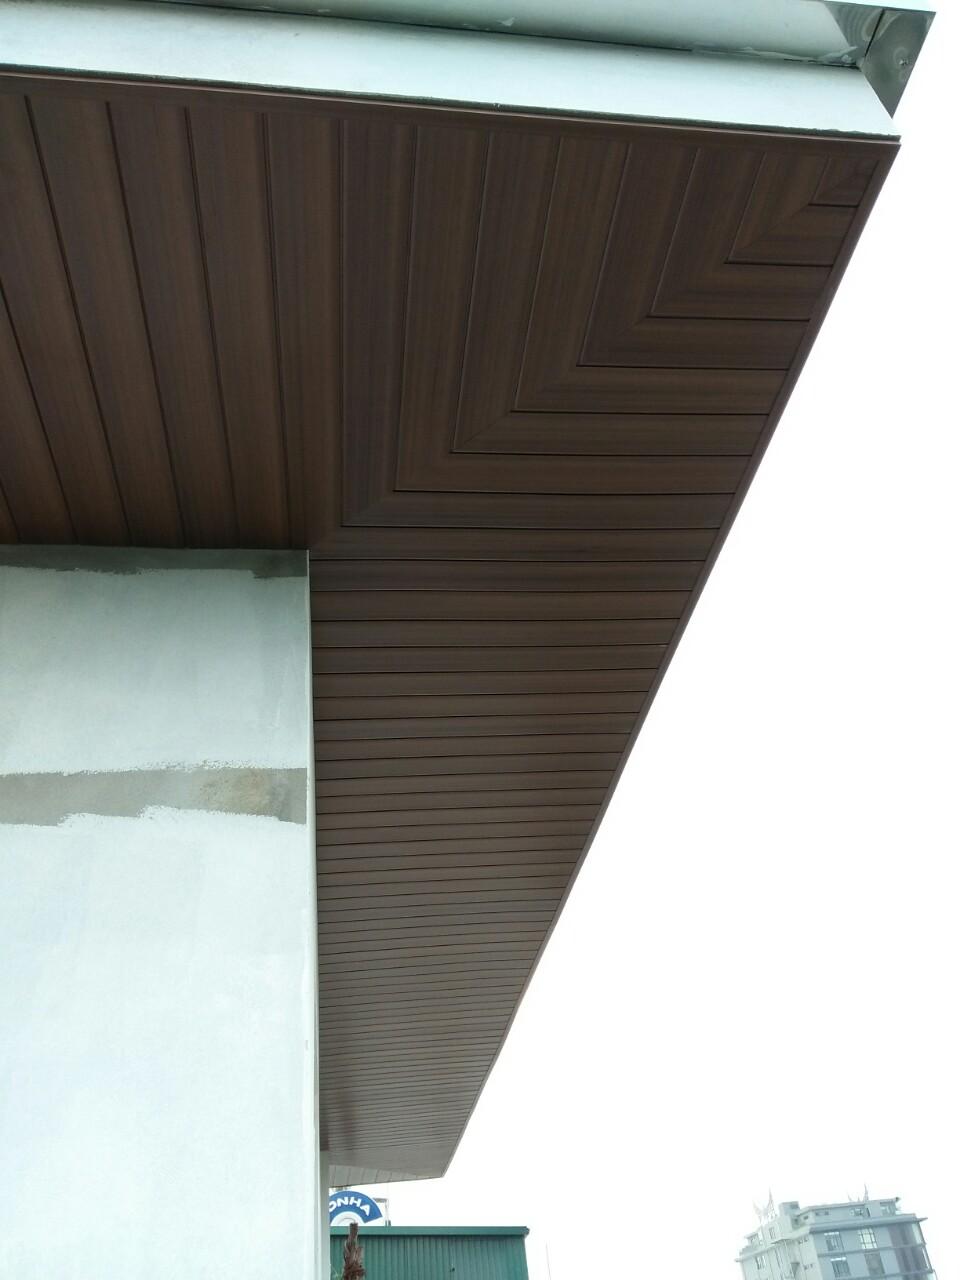 3 Tấm ốp gỗ nhựa ecowood dạng phẳng mã WPO-125